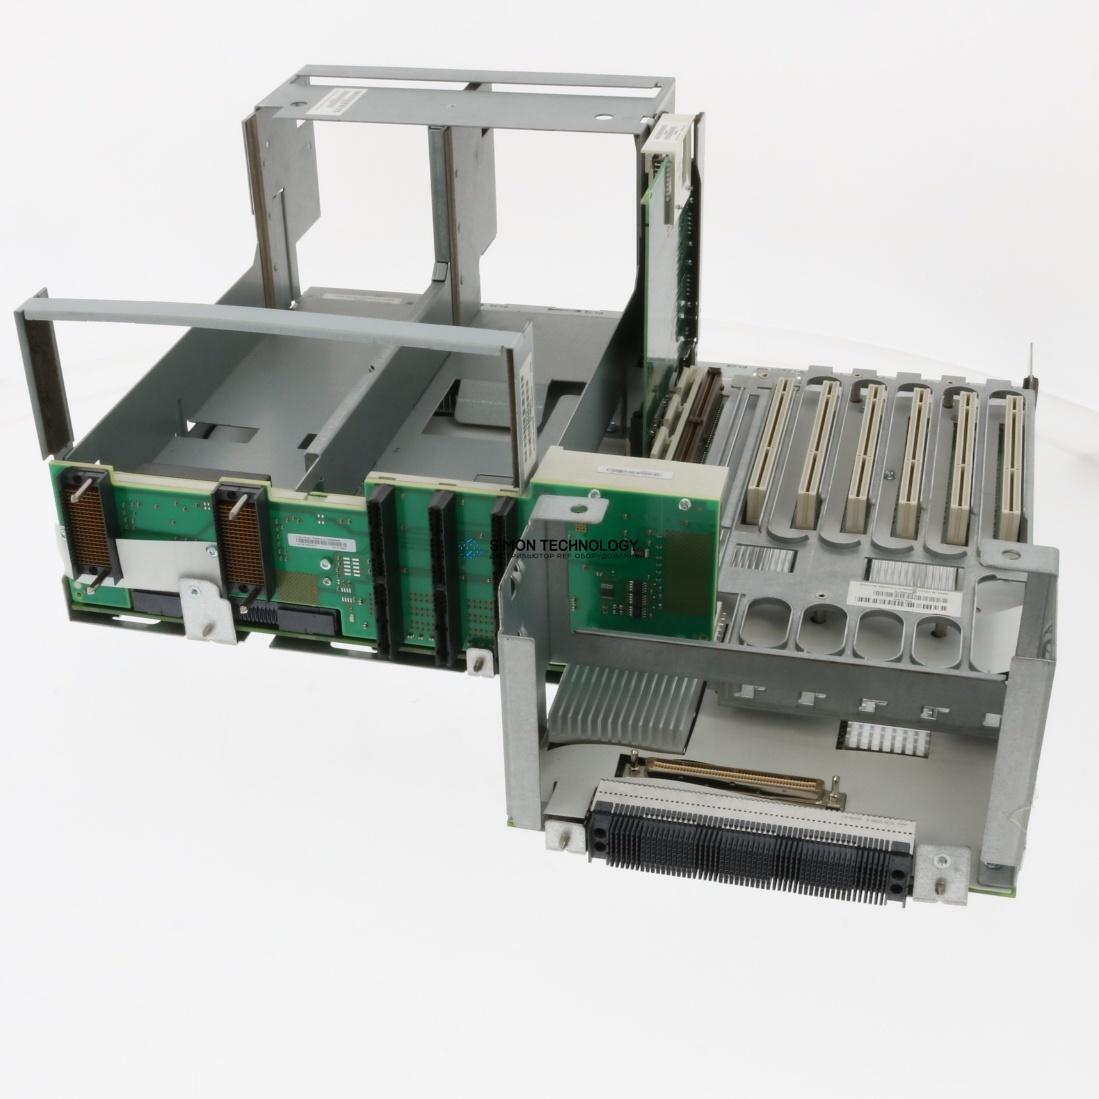 IBM I/O Backplane 6 PCI-X Slots (9117-7866)